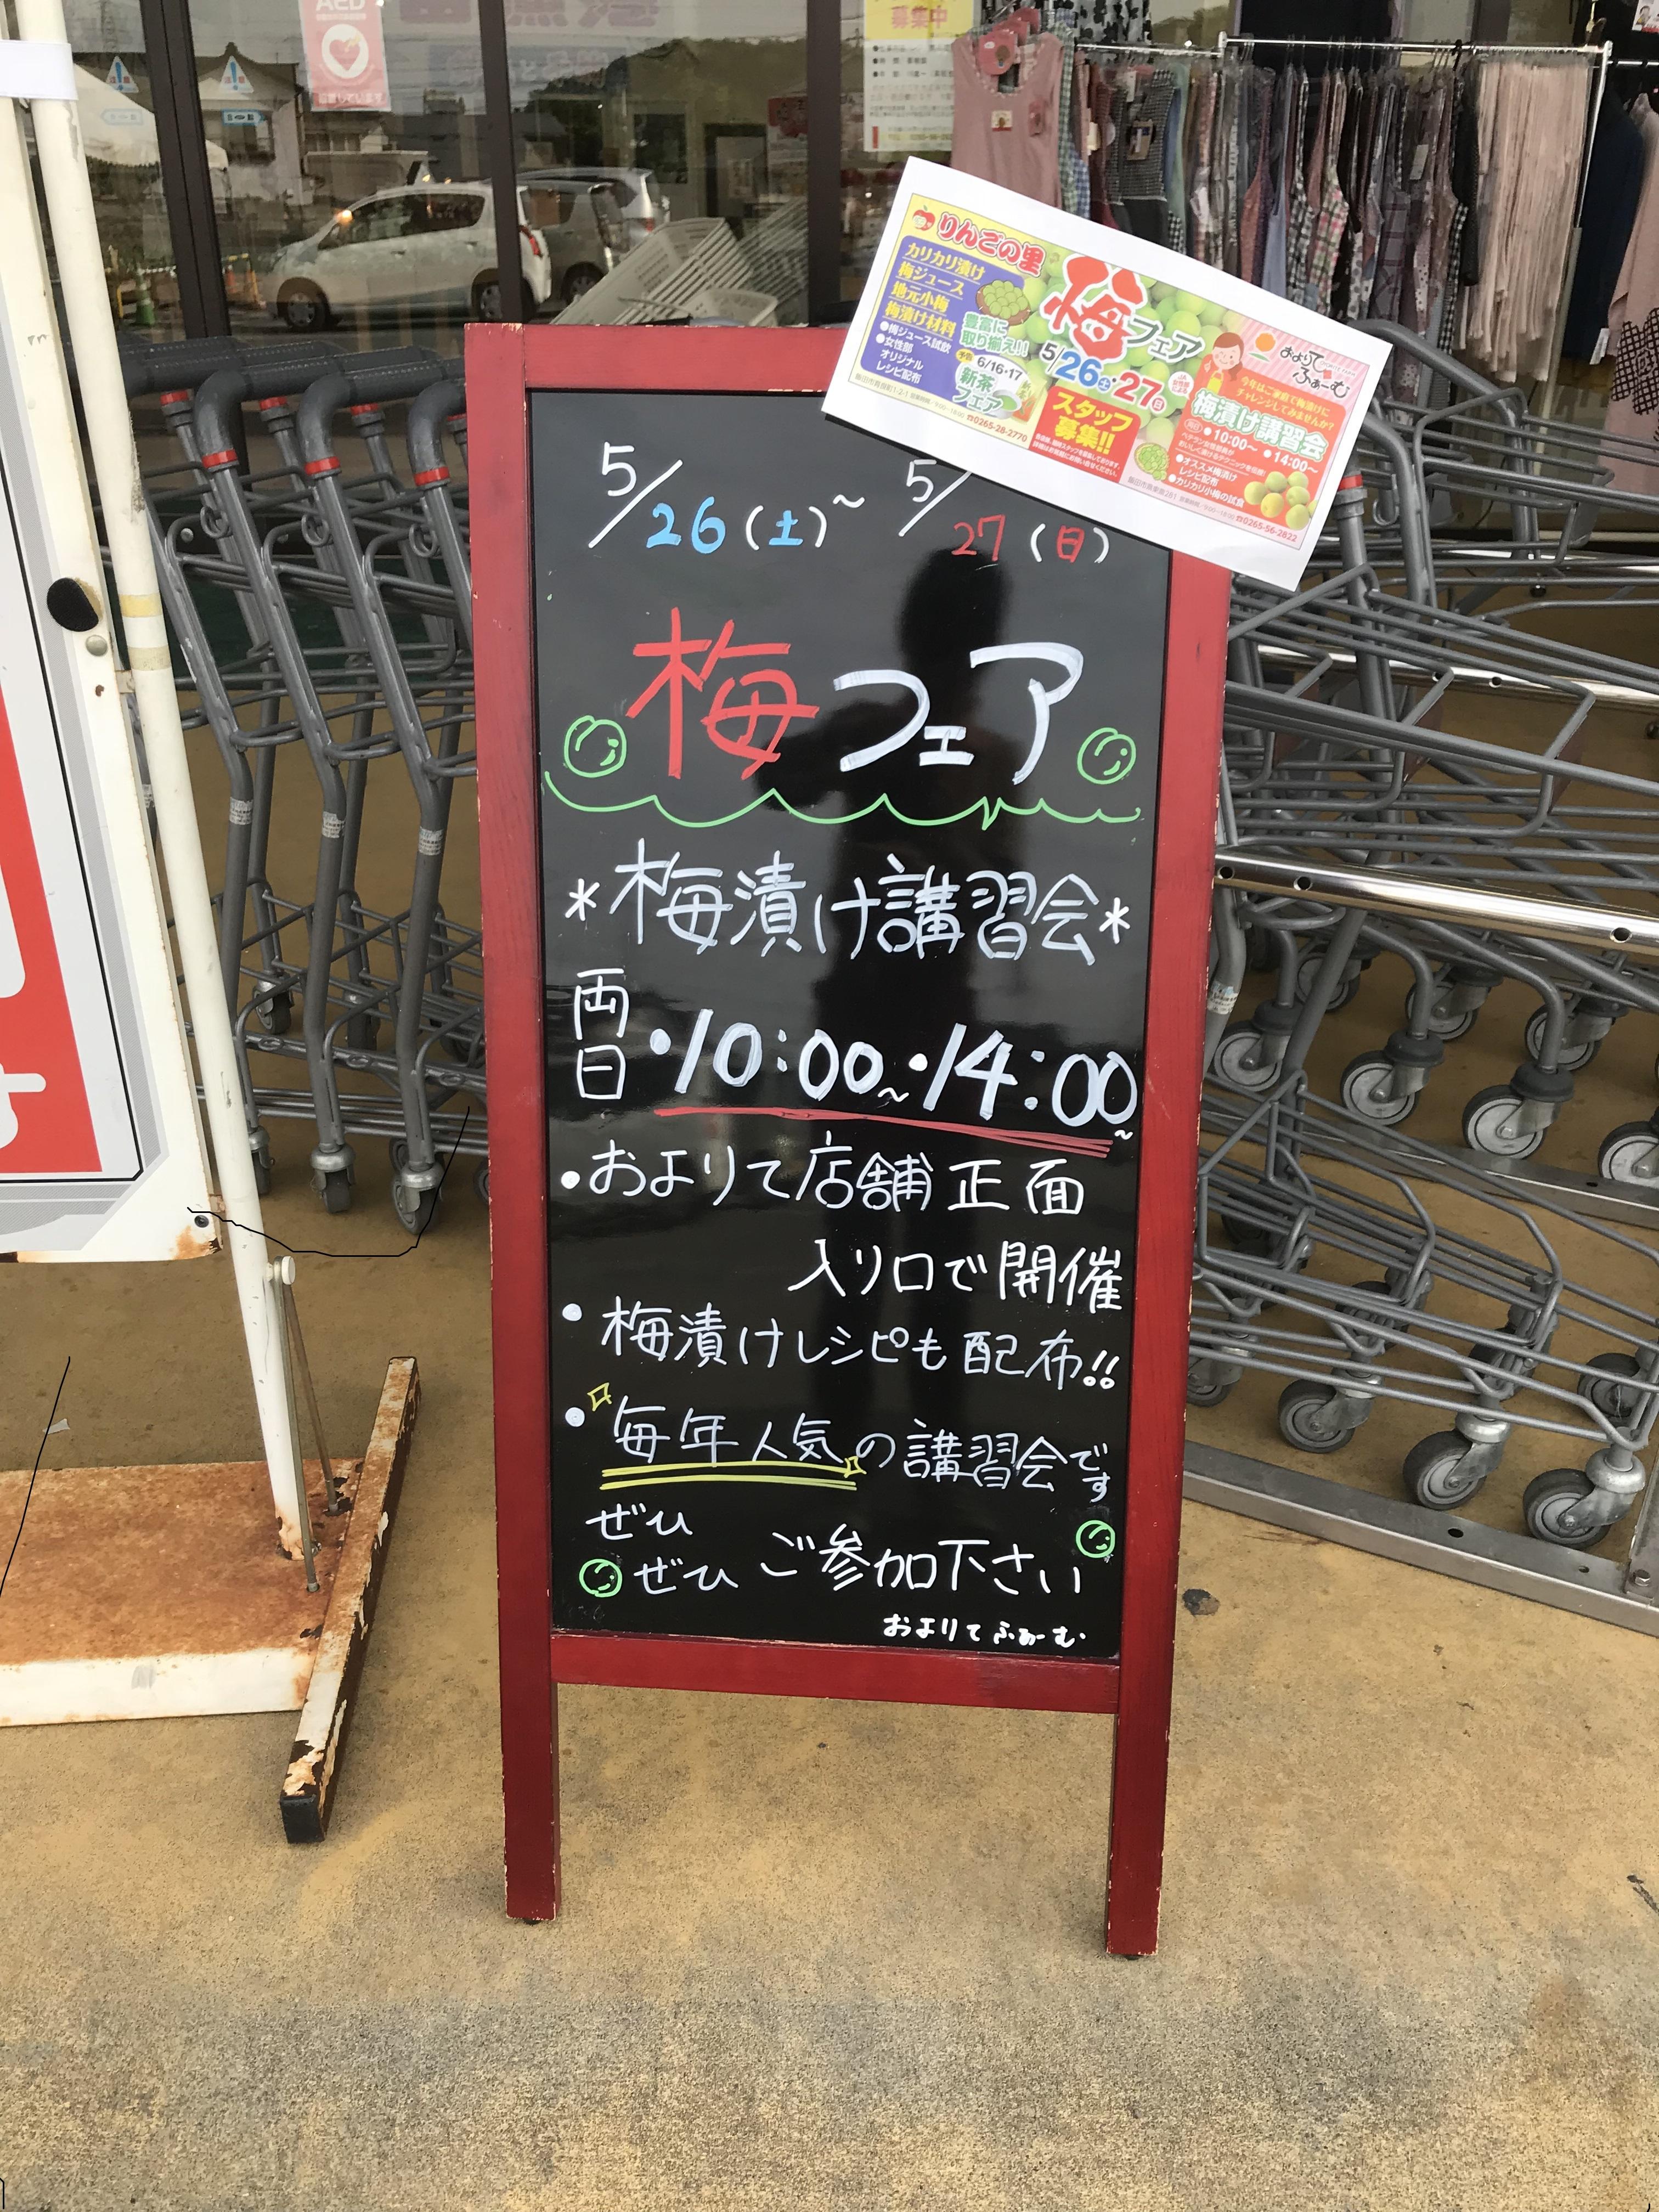 http://www.ja-mis.iijan.or.jp/directsales/information/images/%E3%81%86%E3%82%812.jpg